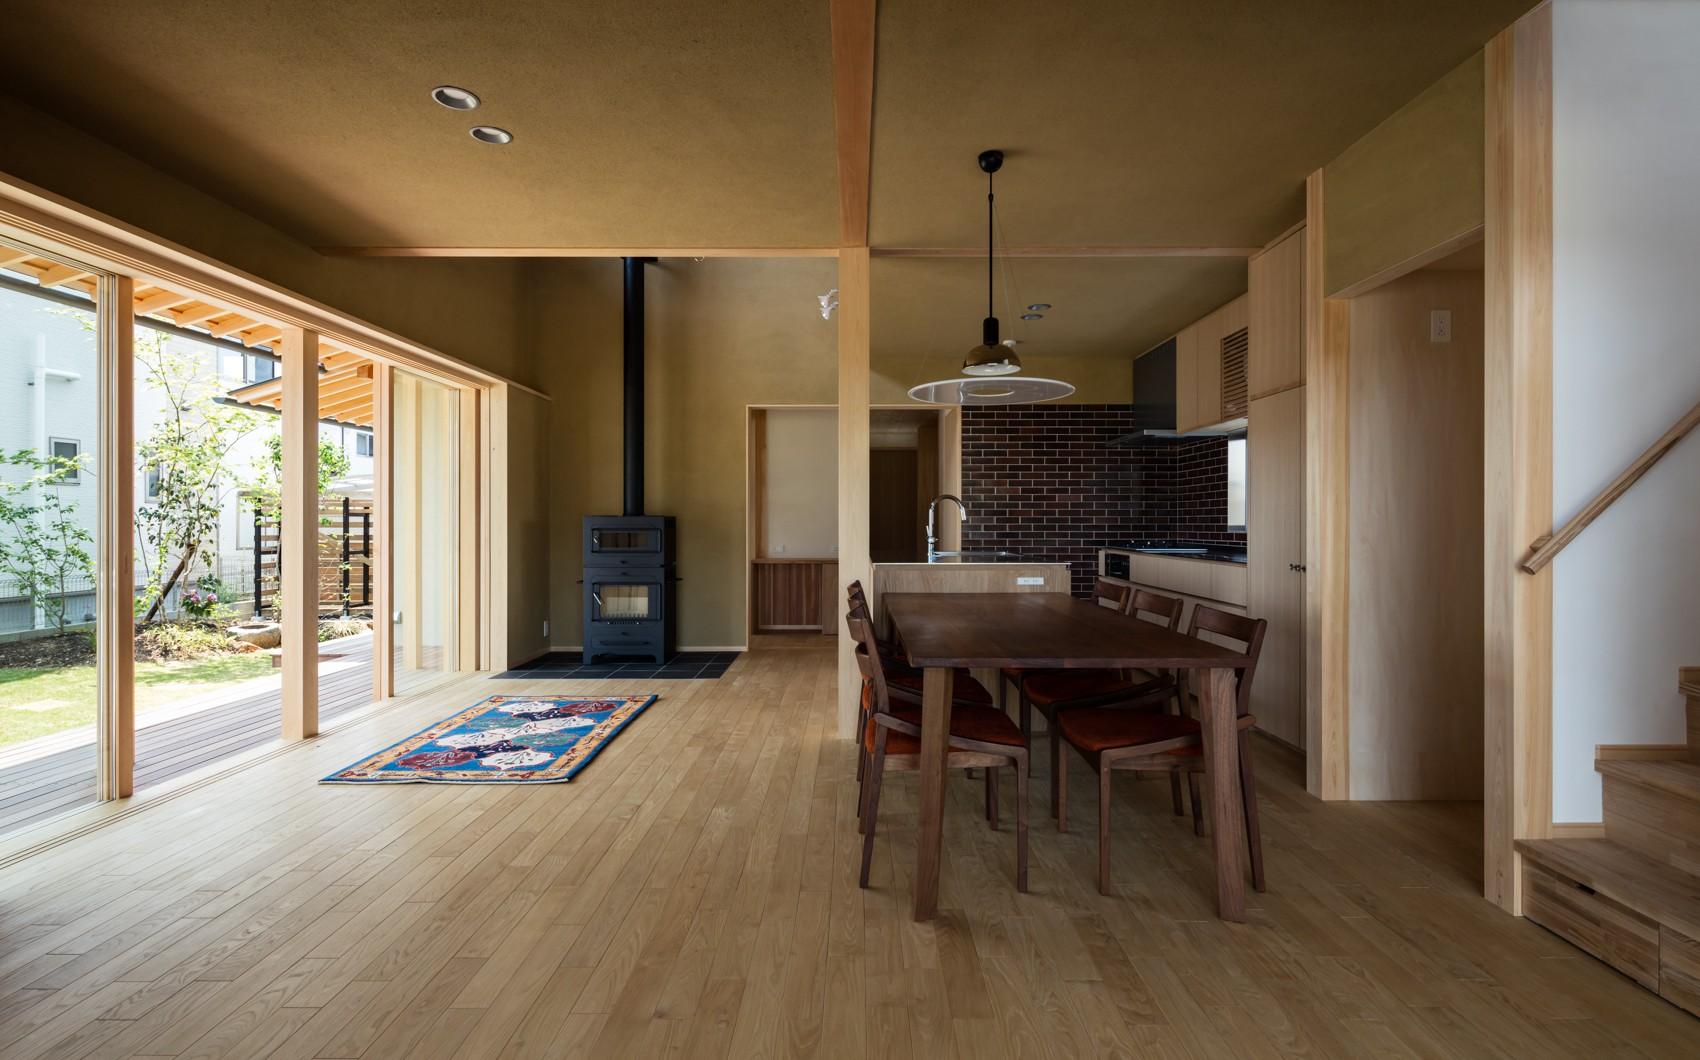 リビングダイニング事例:薪ストーブのある心地良いLDK(眺望とお庭を楽しむ|火のある暮らしを楽しむ住まい 天理の家)